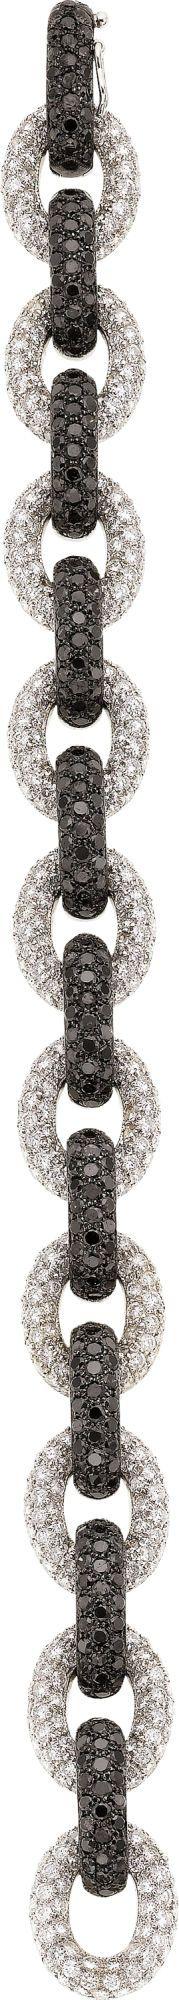 Black and White Diamond, White Gold Bracelet, Eli Frei. ... Estate | Lot #58409 | Heritage Auctions